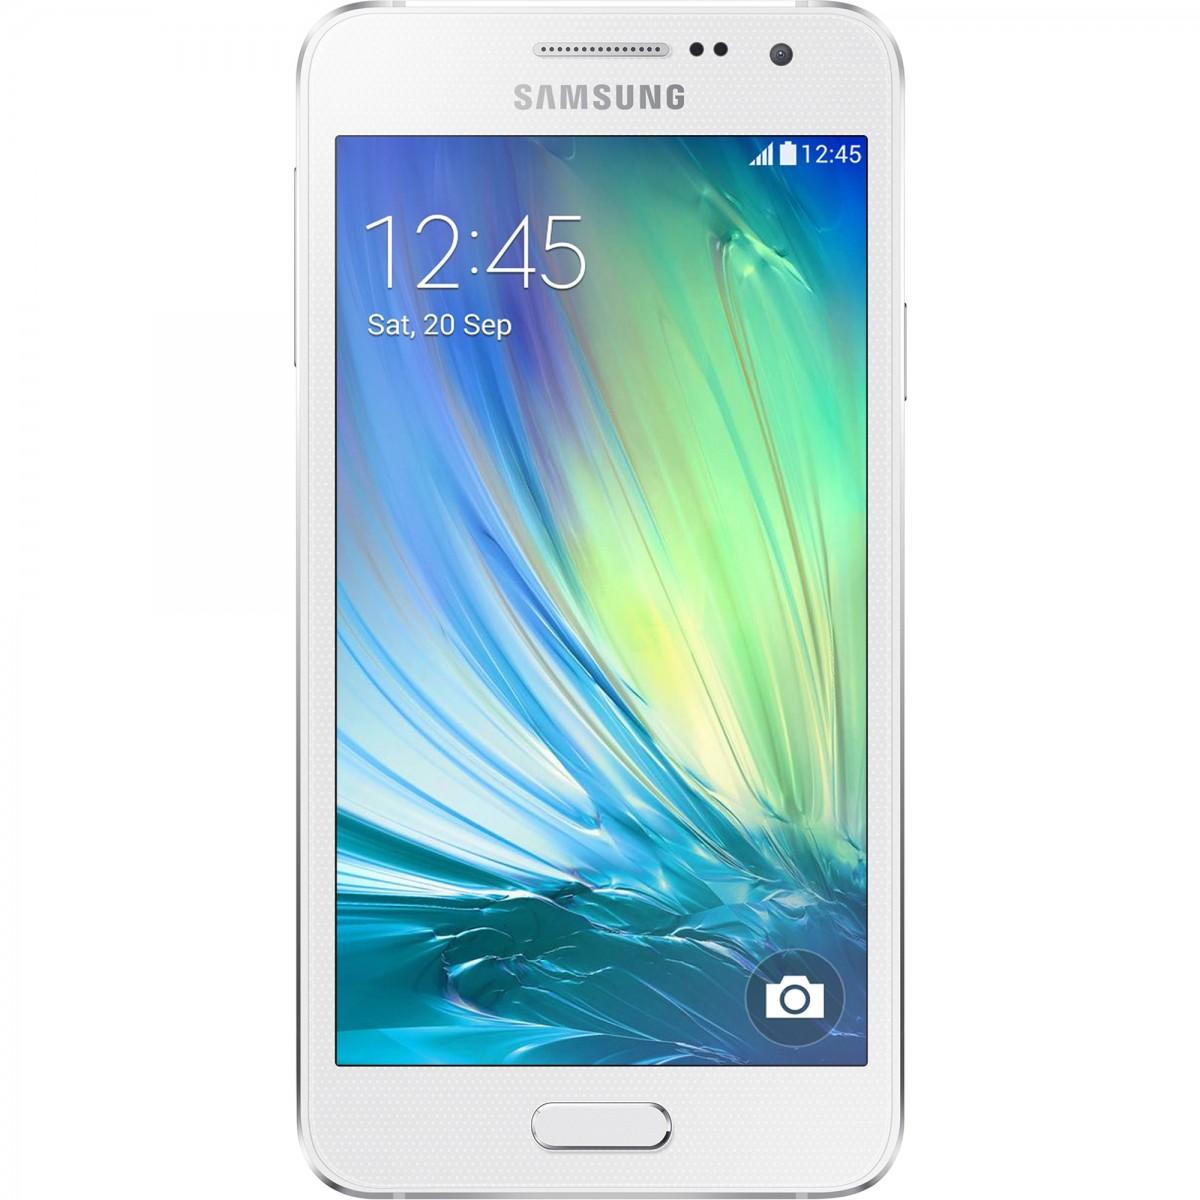 Samsung Galaxy A3 Dual-SIM